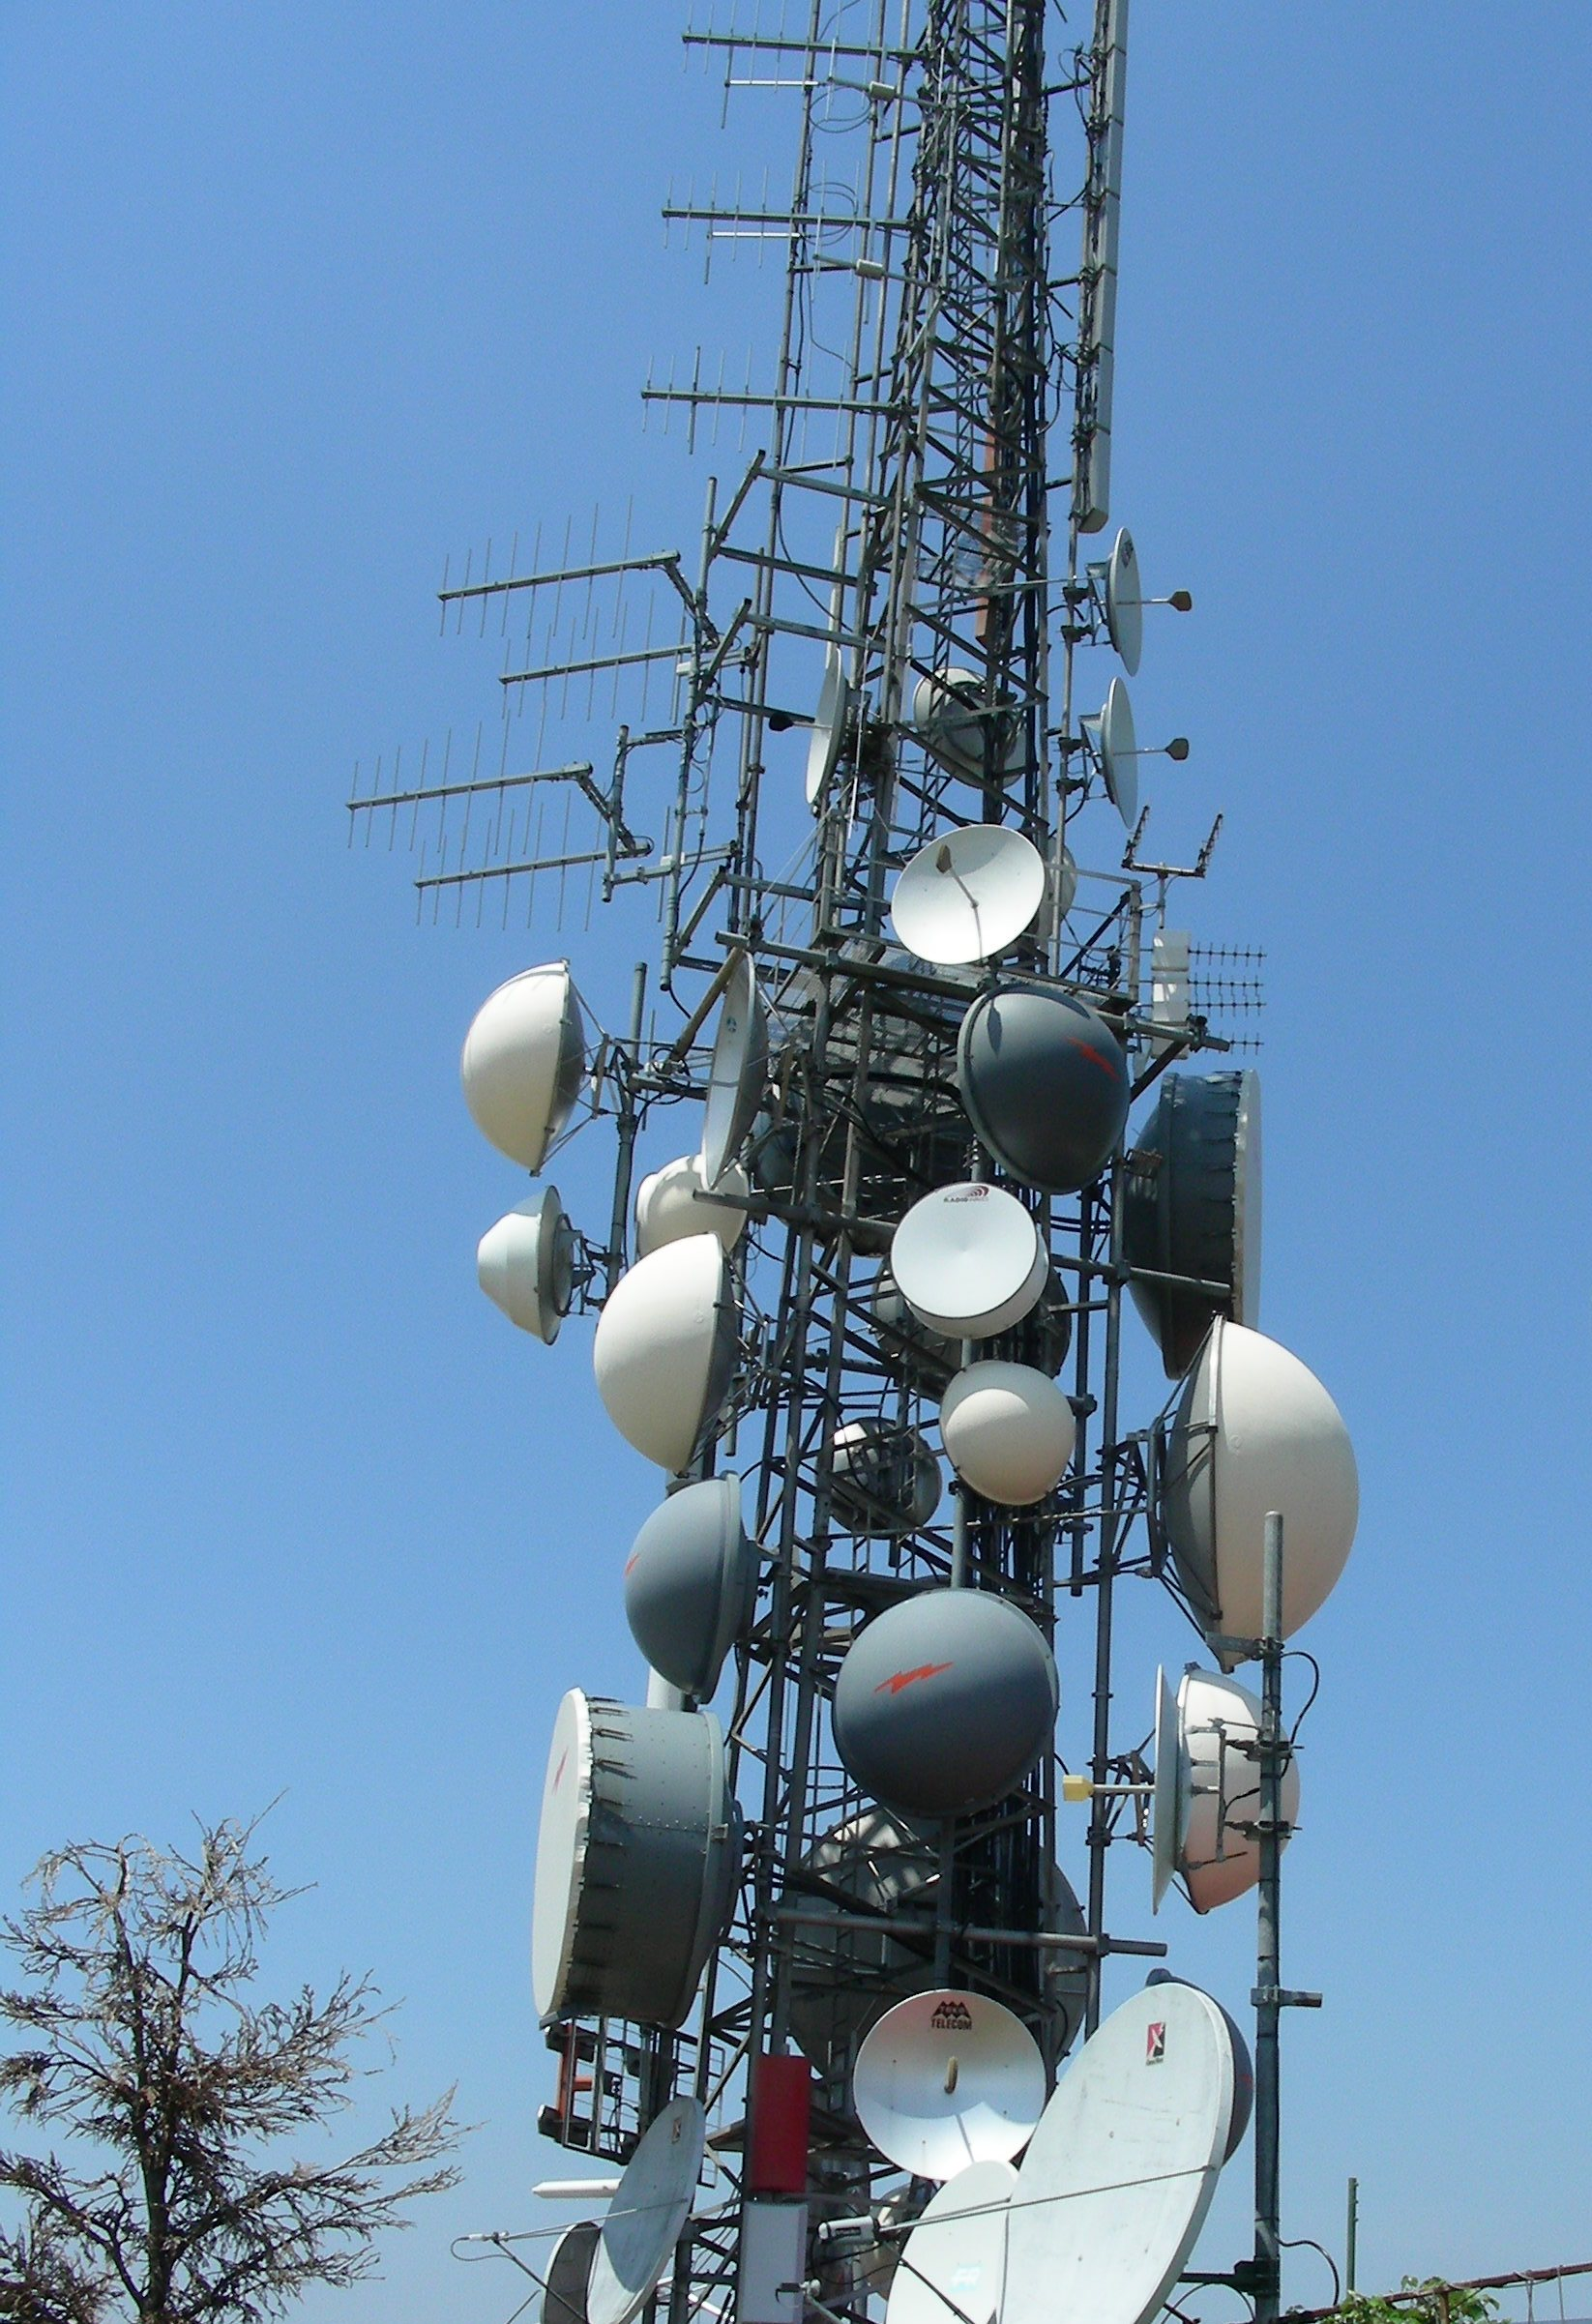 antenne20radiotelevisive20Bric20Montalbano - DTT. Switch off indigesto per tv locali. Cali ascolto tra 30 e 40%  in Campania e Piemonte. Attesa la verifica lombarda e veneta